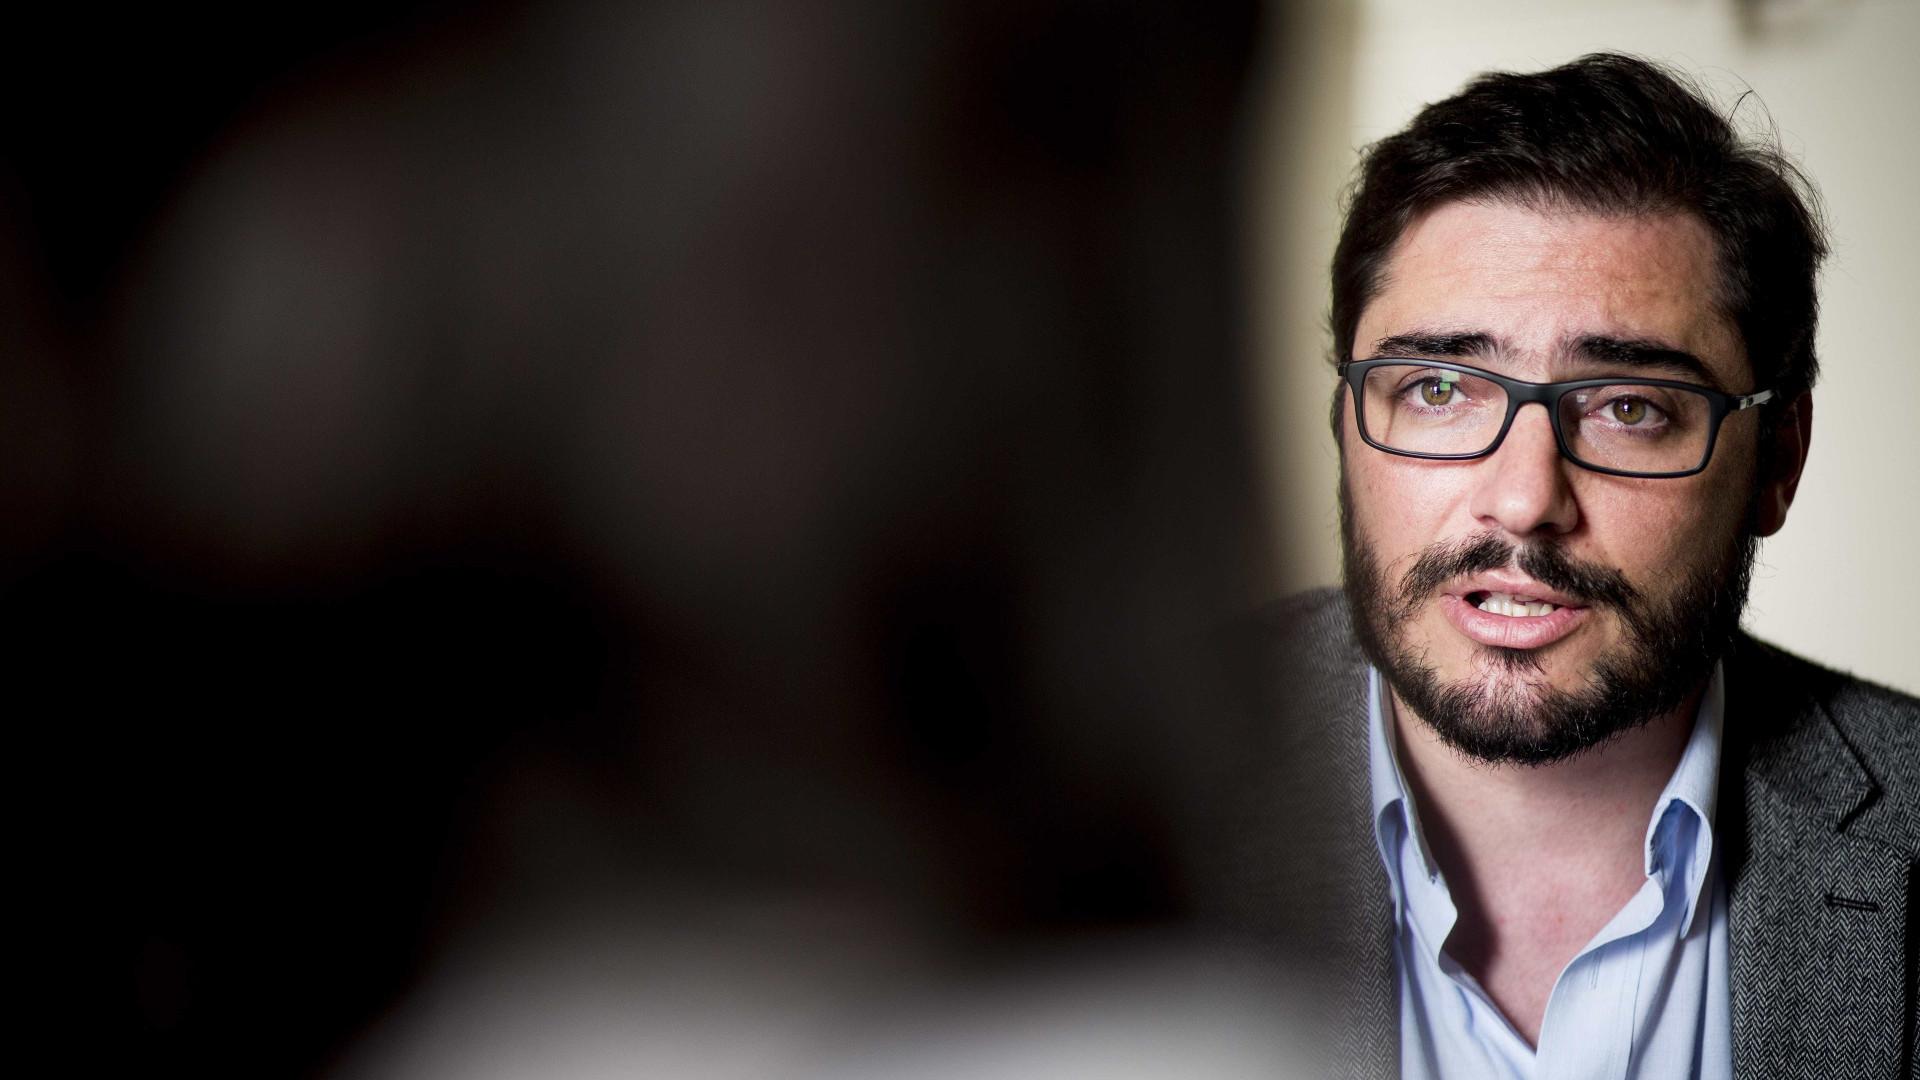 """PSD e CDS preferiam PCP calado, sem denunciar """"política de direita"""""""